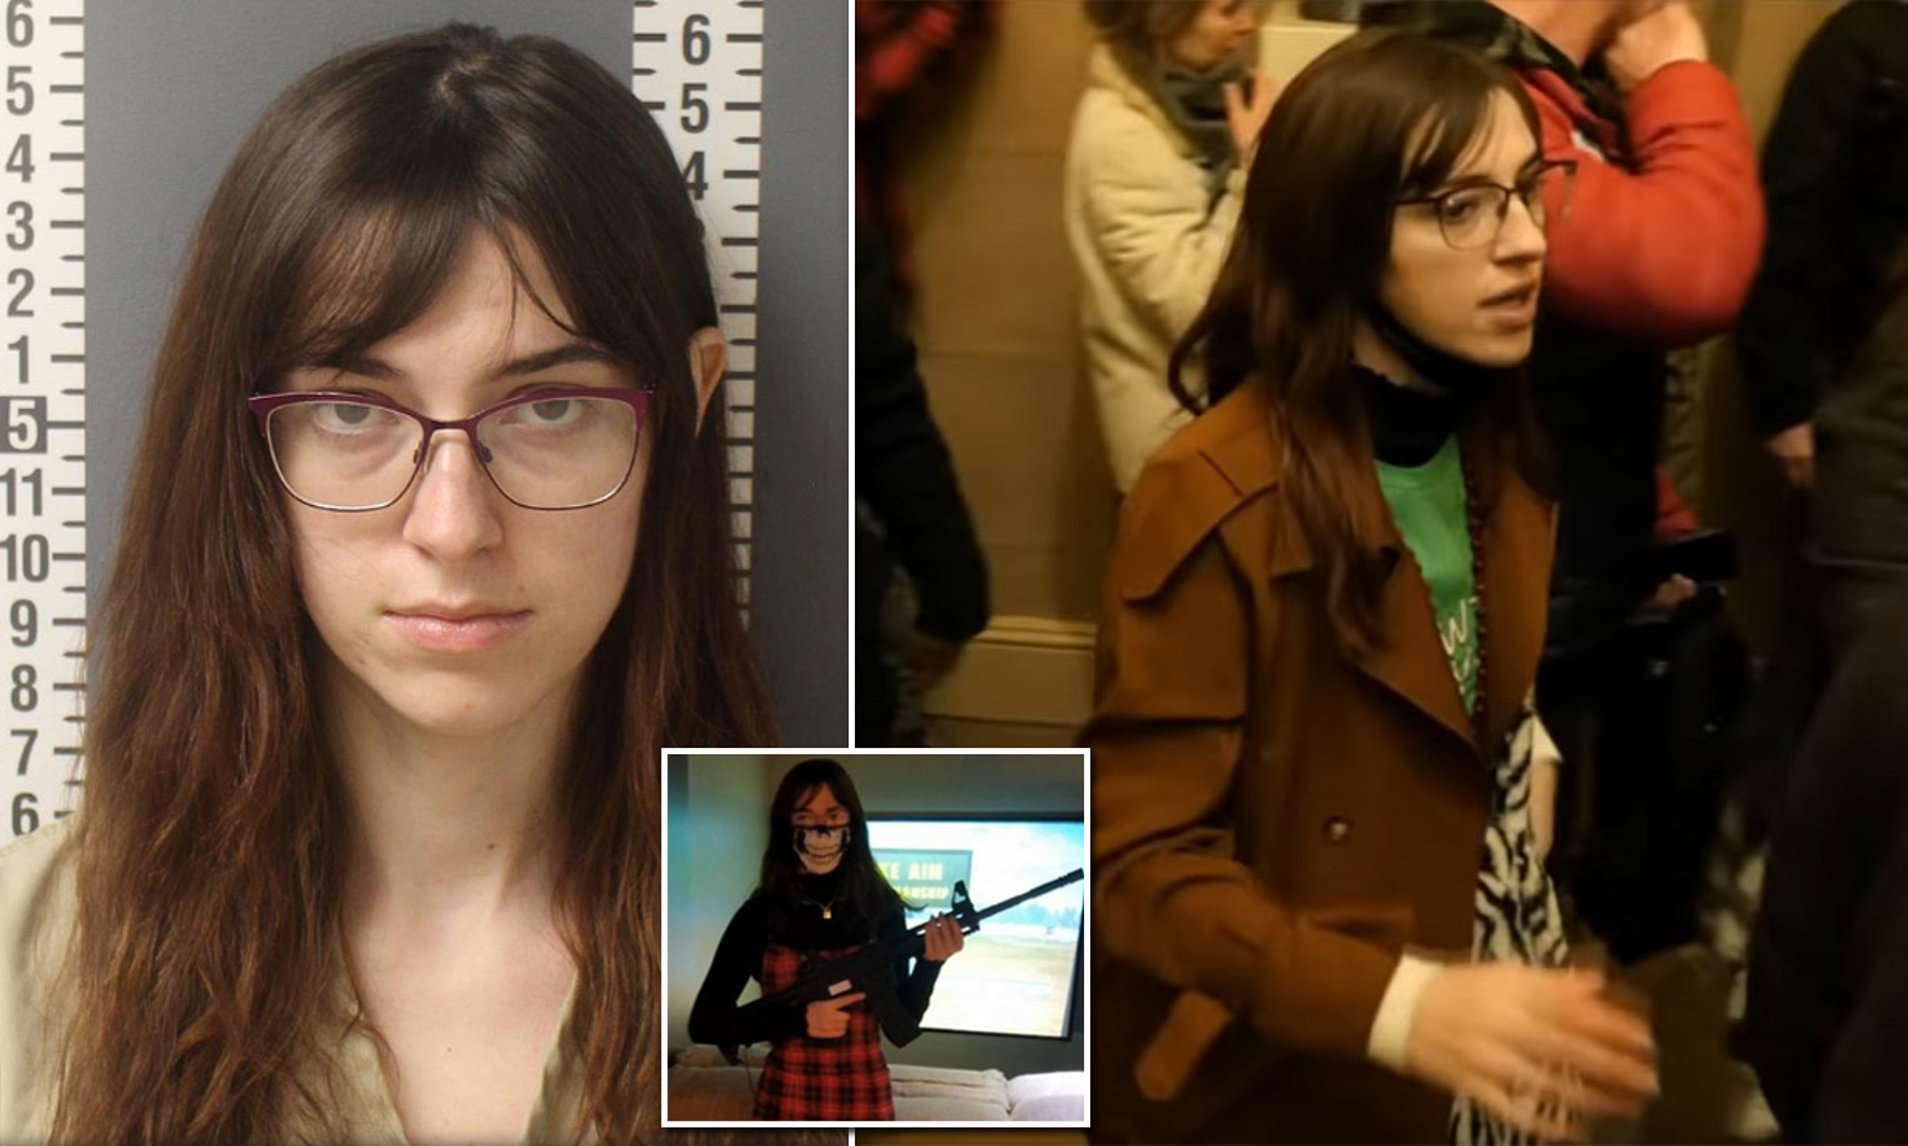 涉嫌偷佩洛西电脑卖给俄罗斯,美国22岁女子被抓